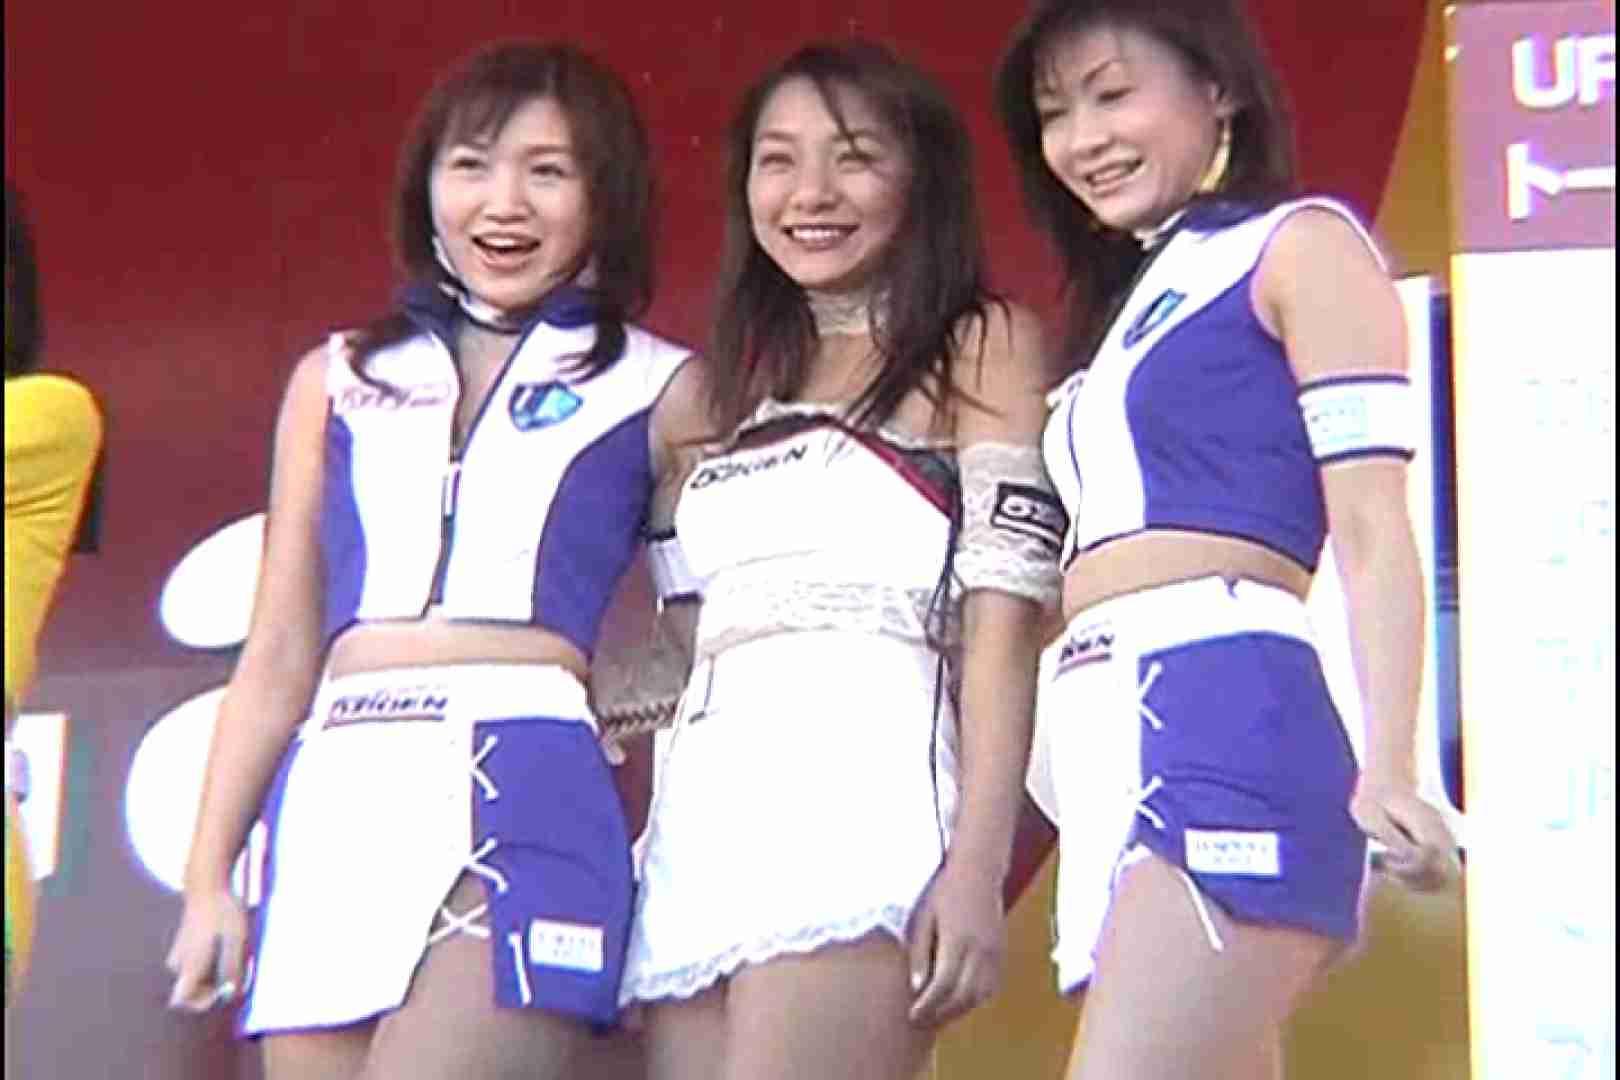 RQカメラ地獄Vol.10 コスチューム AV無料動画キャプチャ 56画像 34